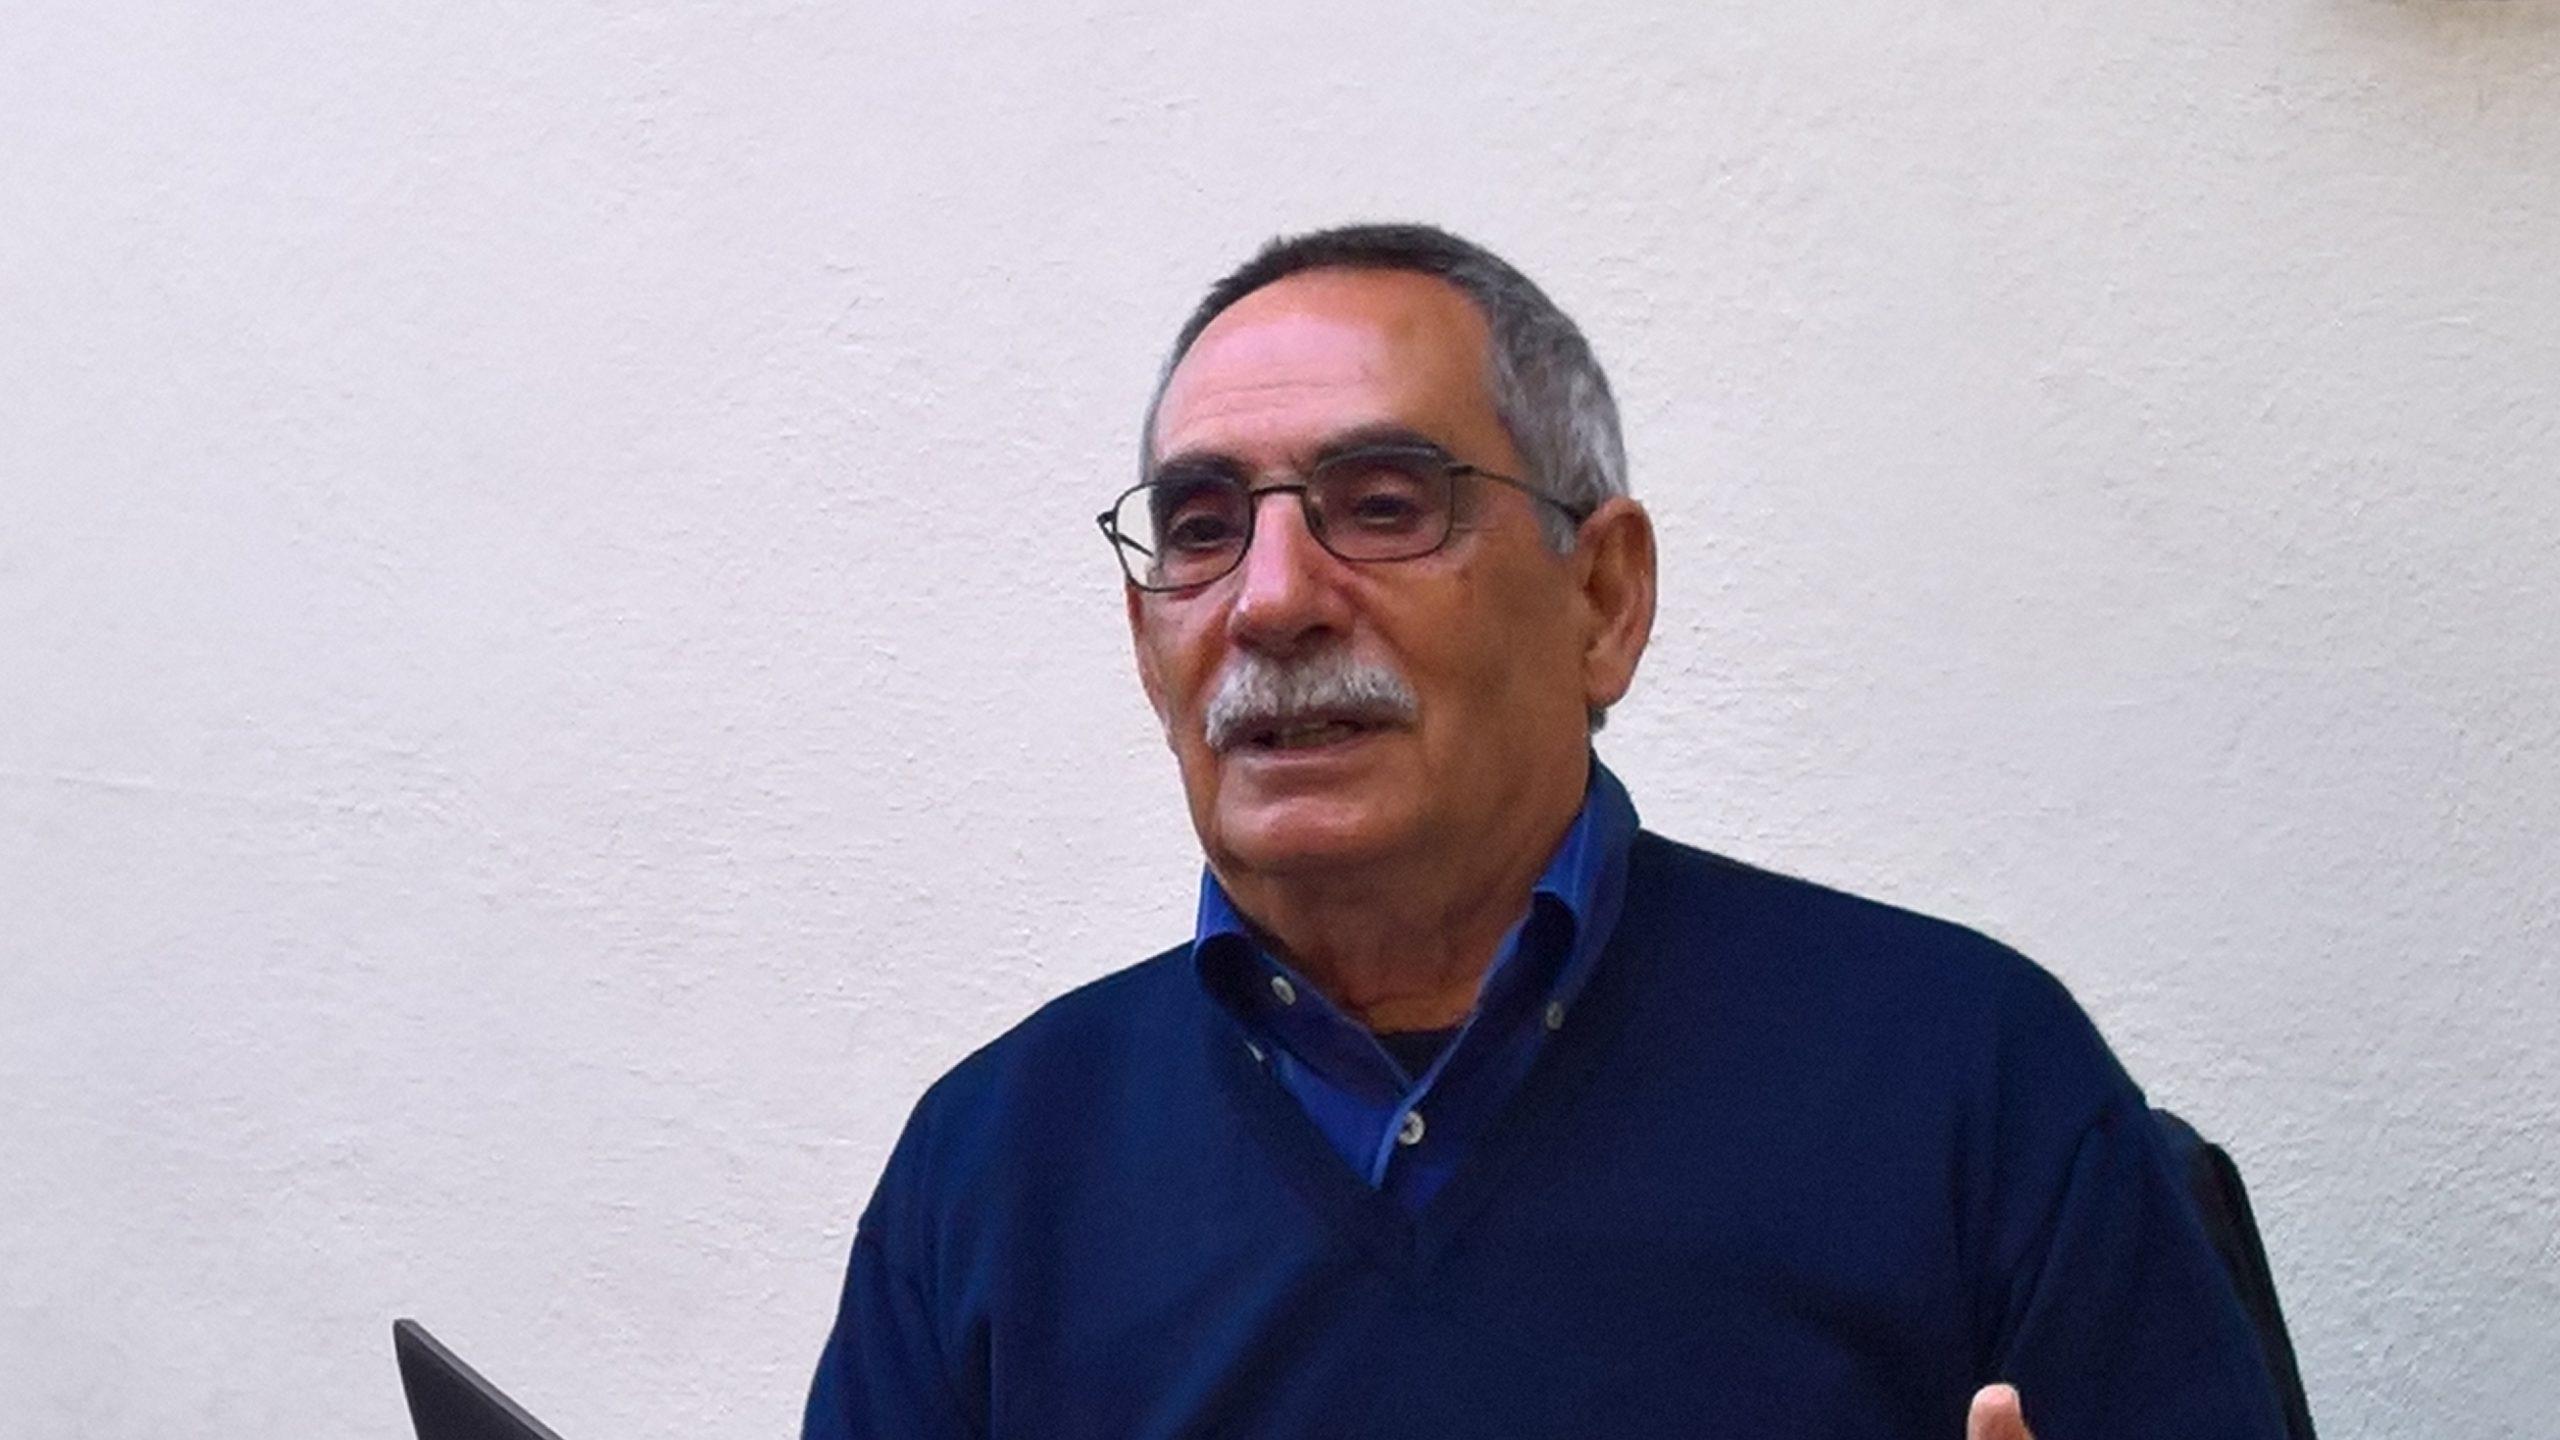 Giudizio negativo sul Piano di riordino degli ambiti territoriali della Sardegna di Antonio Ladu